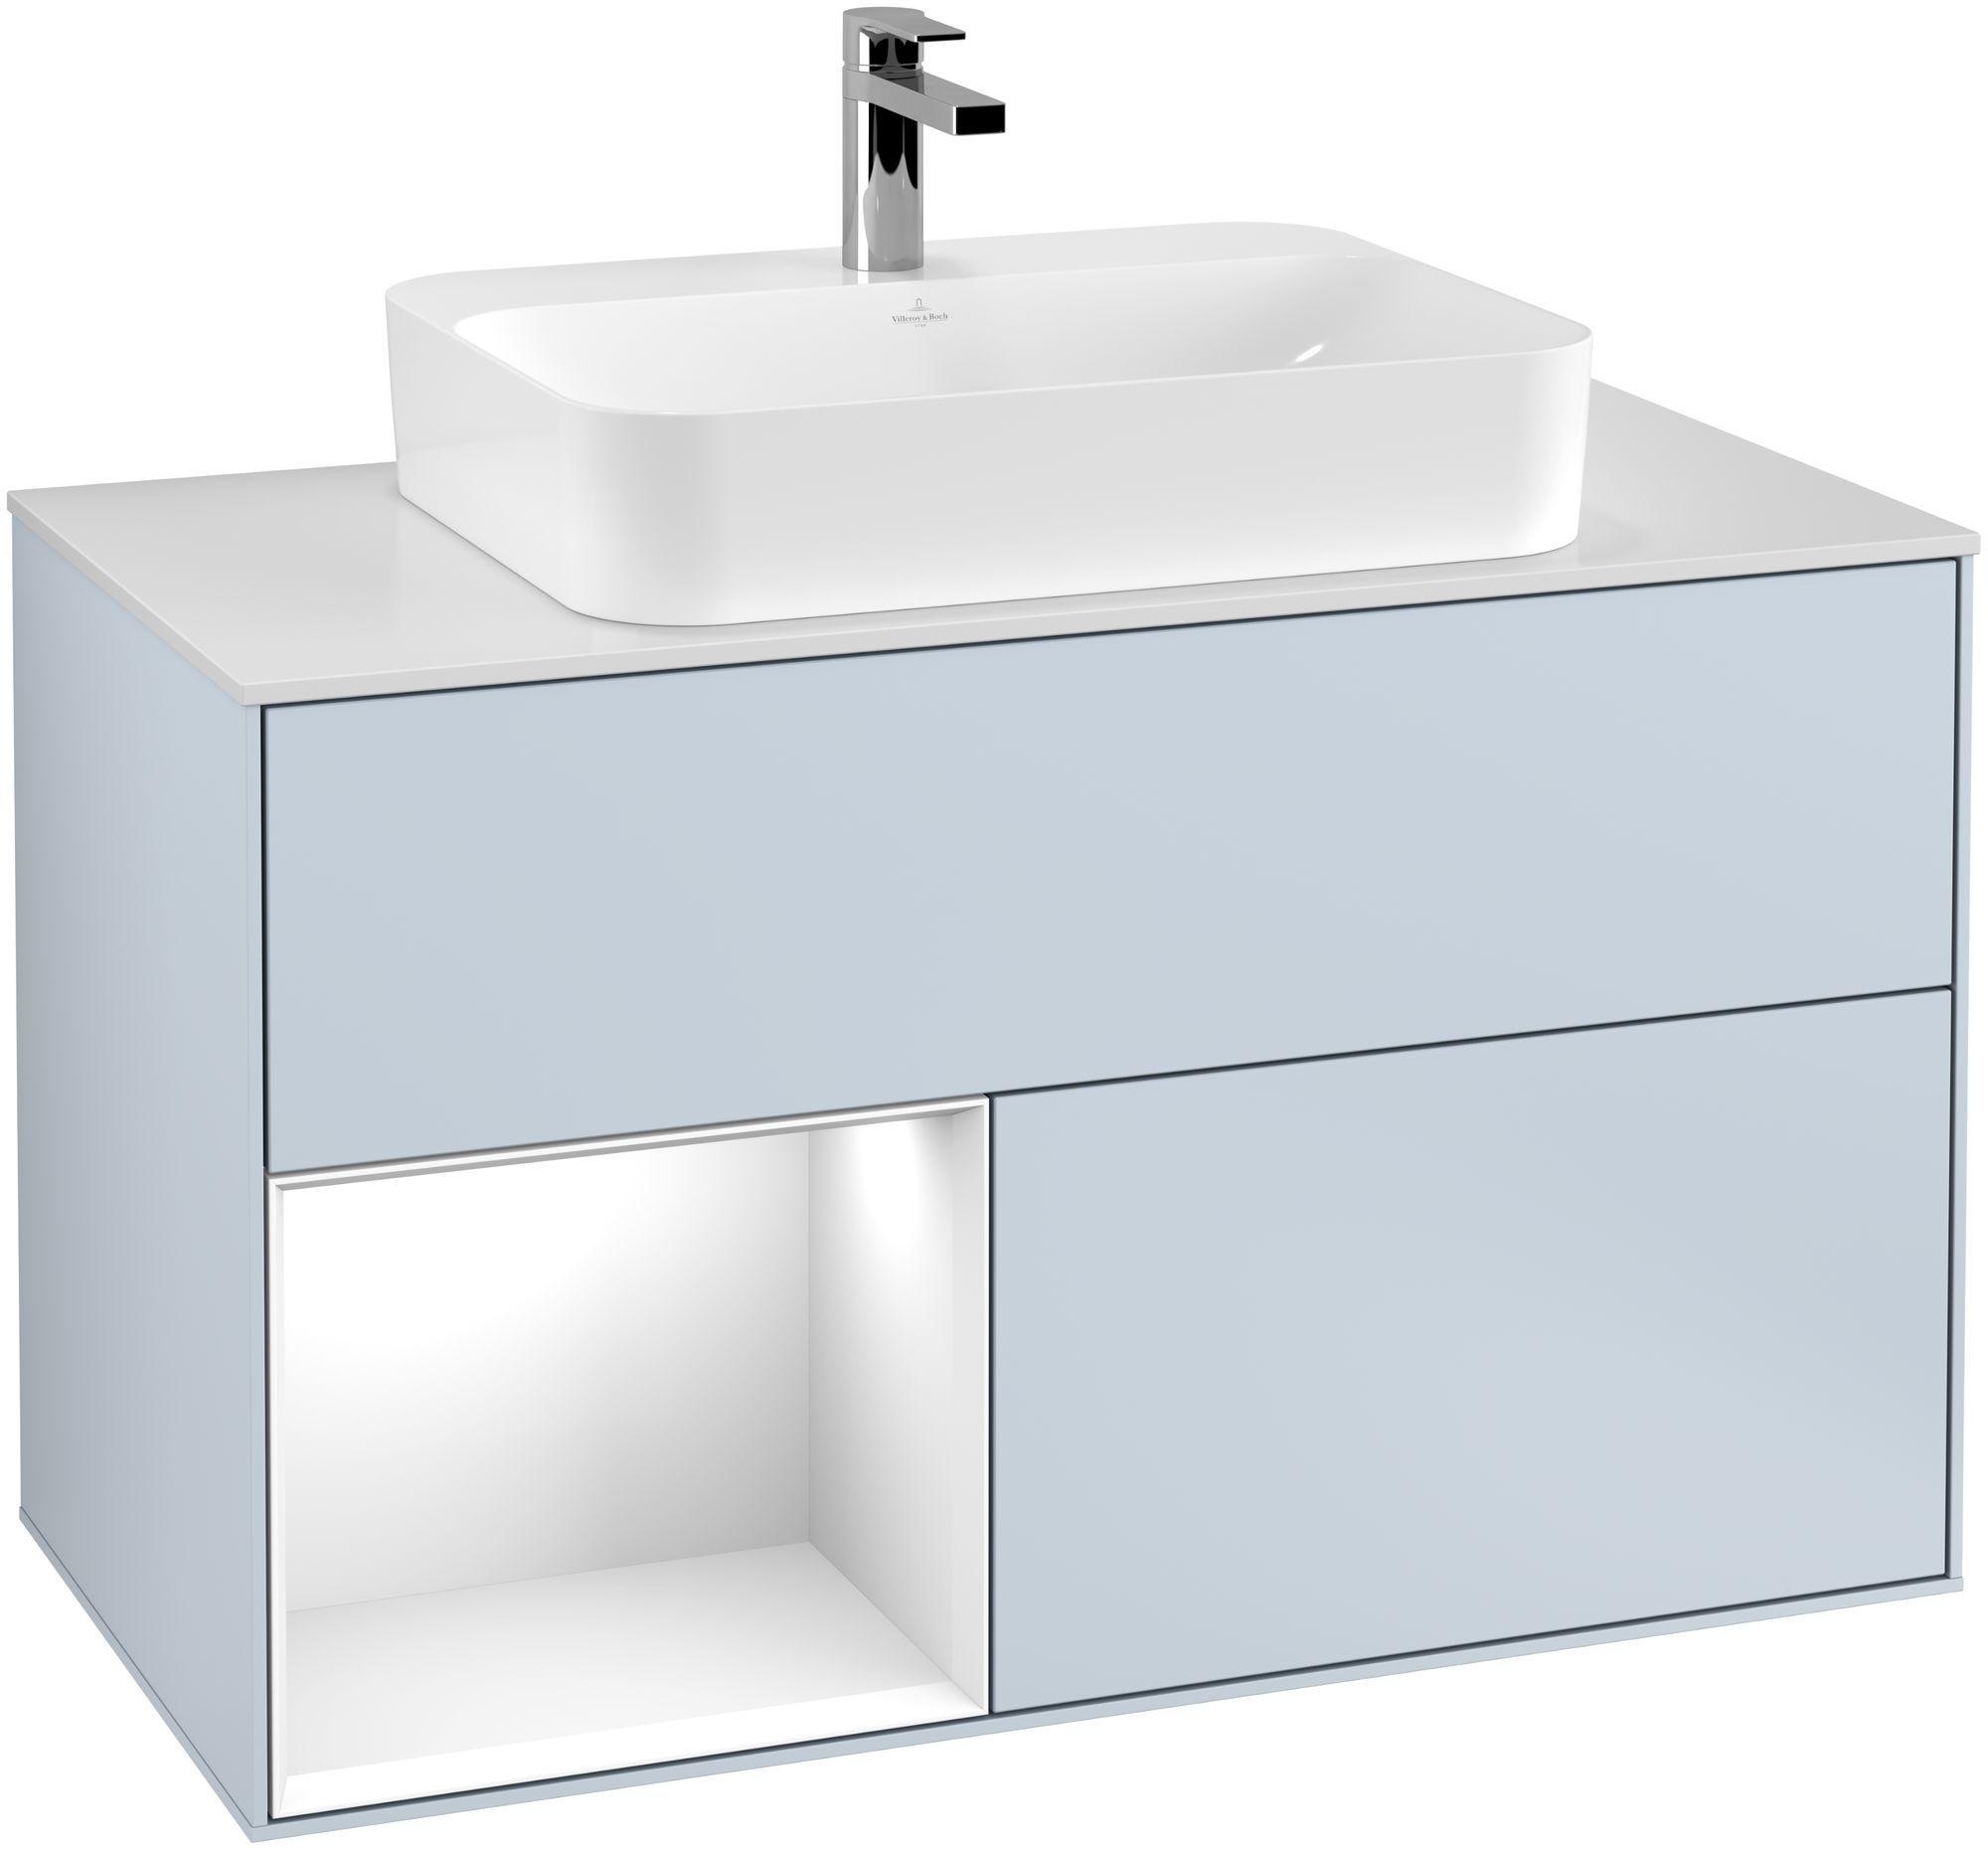 Villeroy & Boch Finion G36 Waschtischunterschrank mit Regalelement 2 Auszüge für WT mittig LED-Beleuchtung B:100xH:60,3xT:50,1cm Front, Korpus: Cloud, Regal: Glossy White Lack, Glasplatte: White Matt G361GFHA